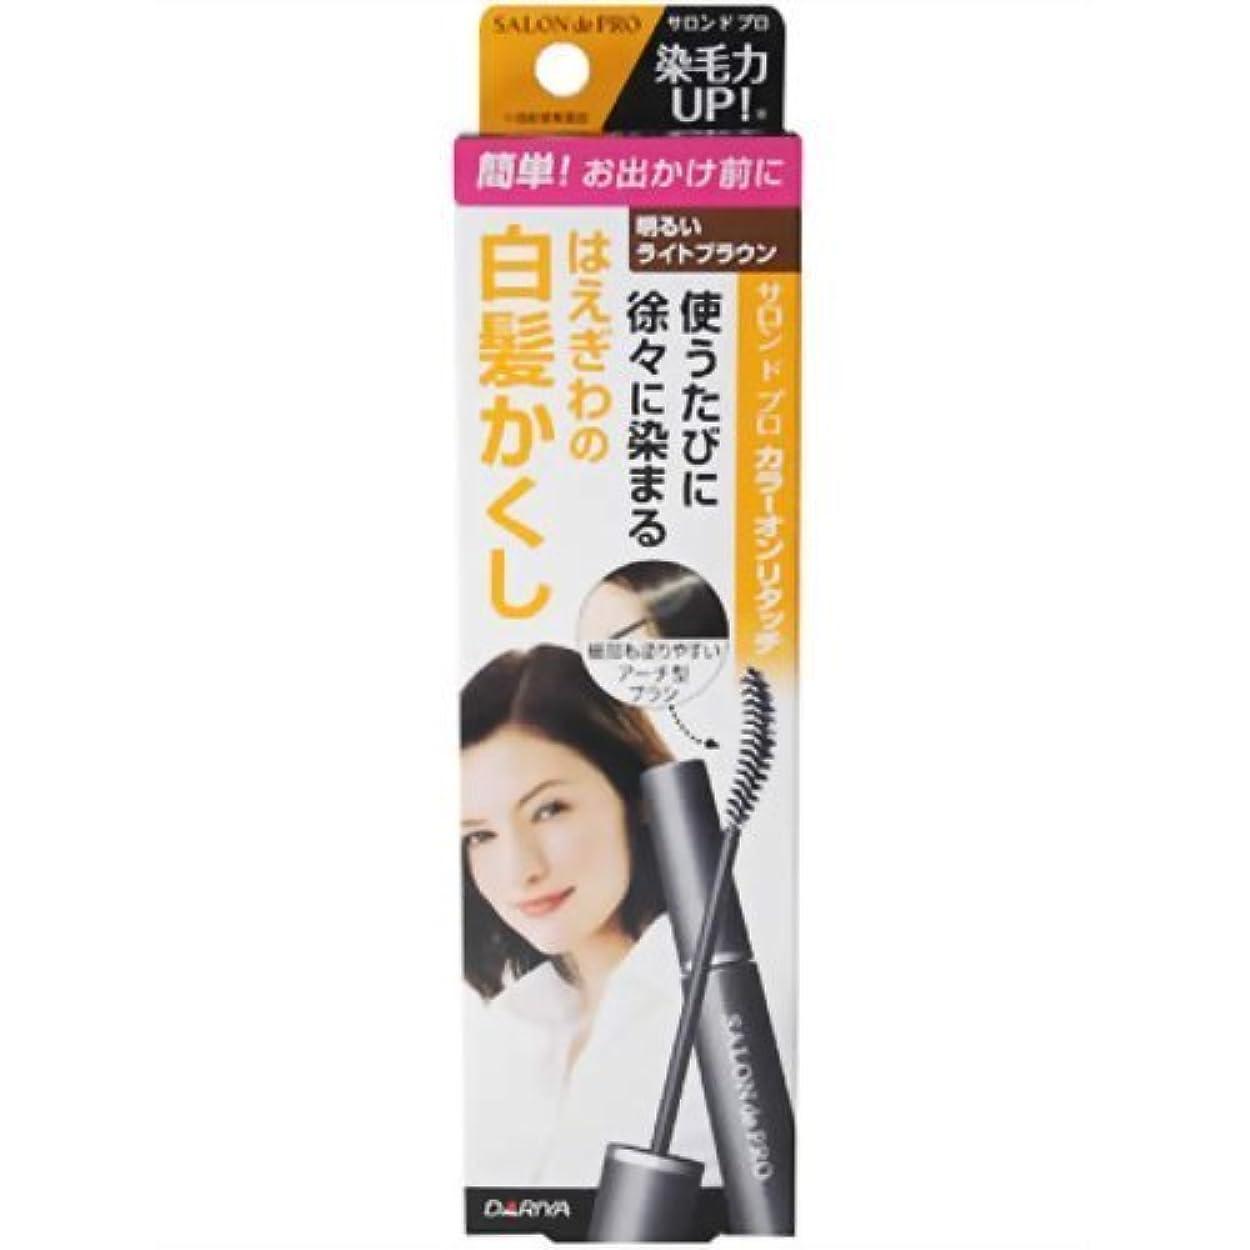 下位あいまいさ世論調査サロンドプロカラーオンリタッチ白髪かくし 明るいライトブラウン       15ML × 10個セット